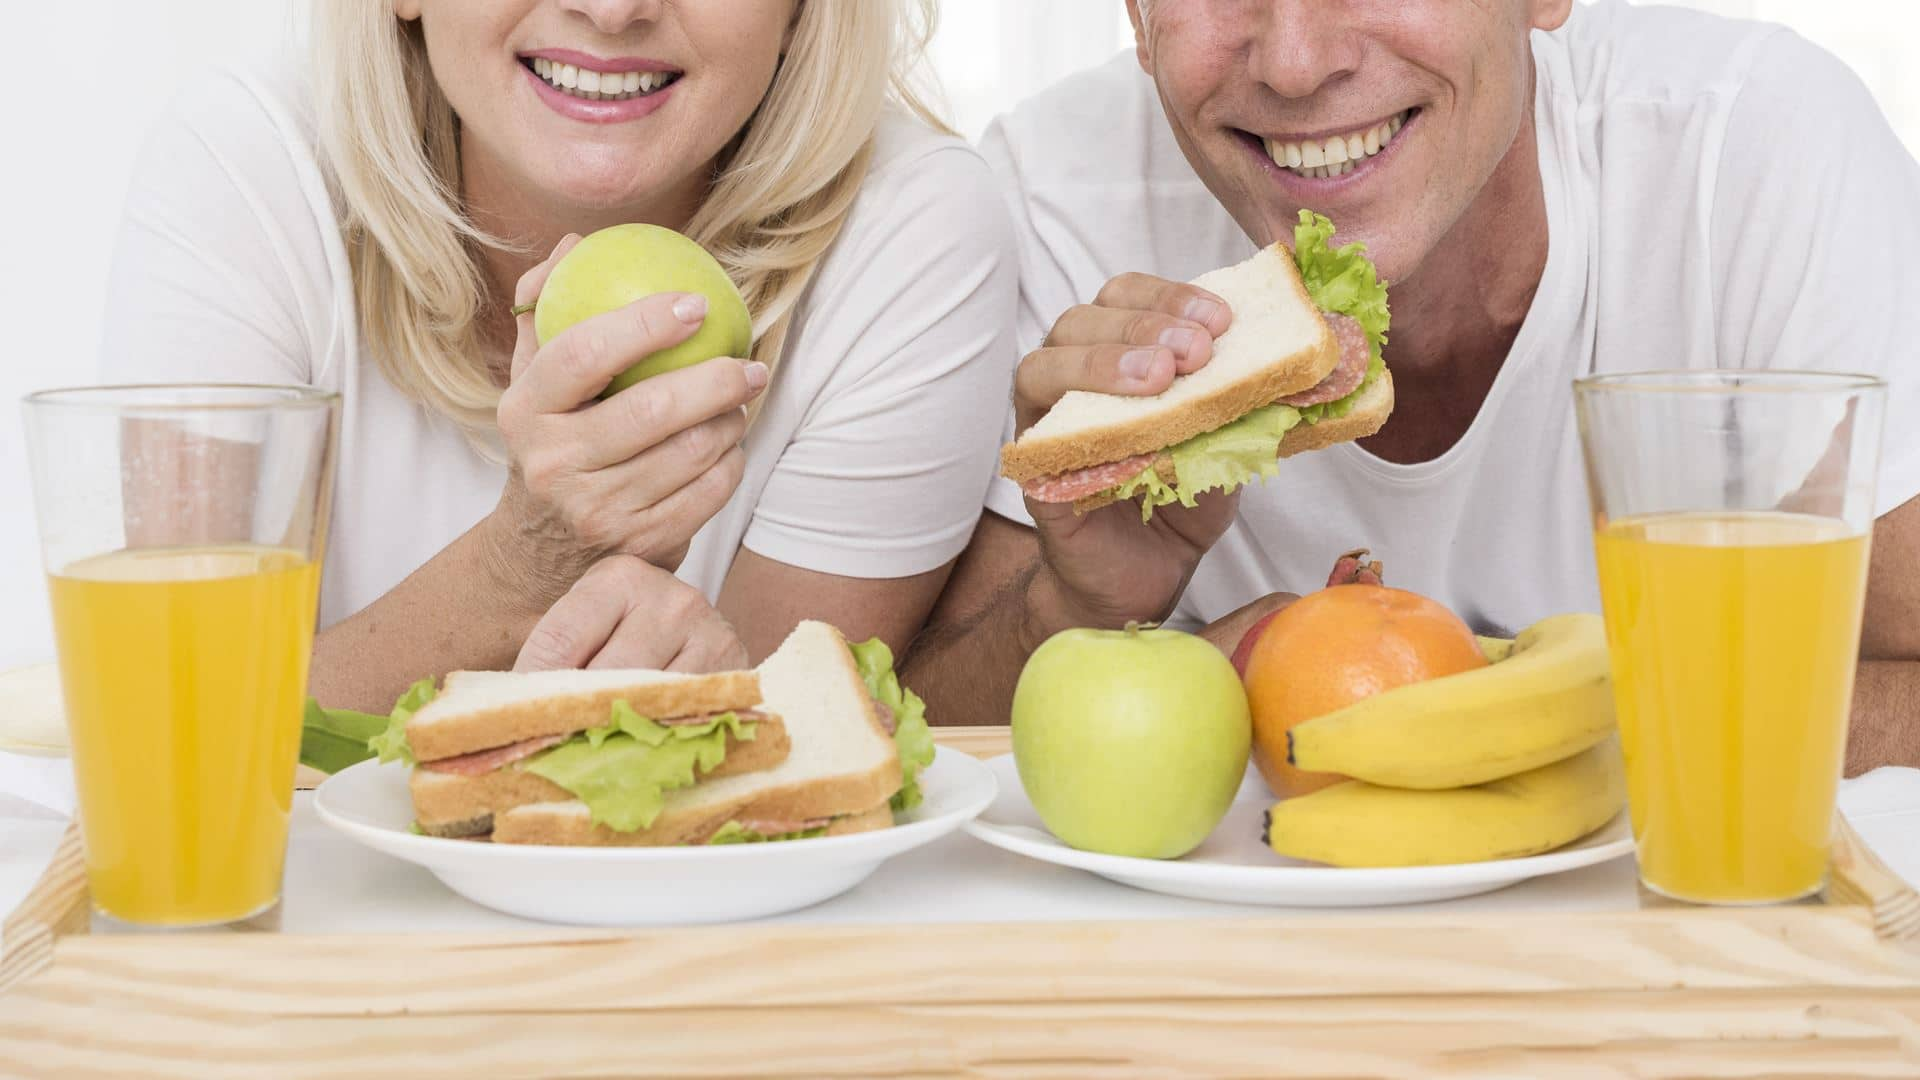 ייעוץ תזונתי למבוגרים - Restart Therapy מומחים בשיקום פרטי בבית הלקוח